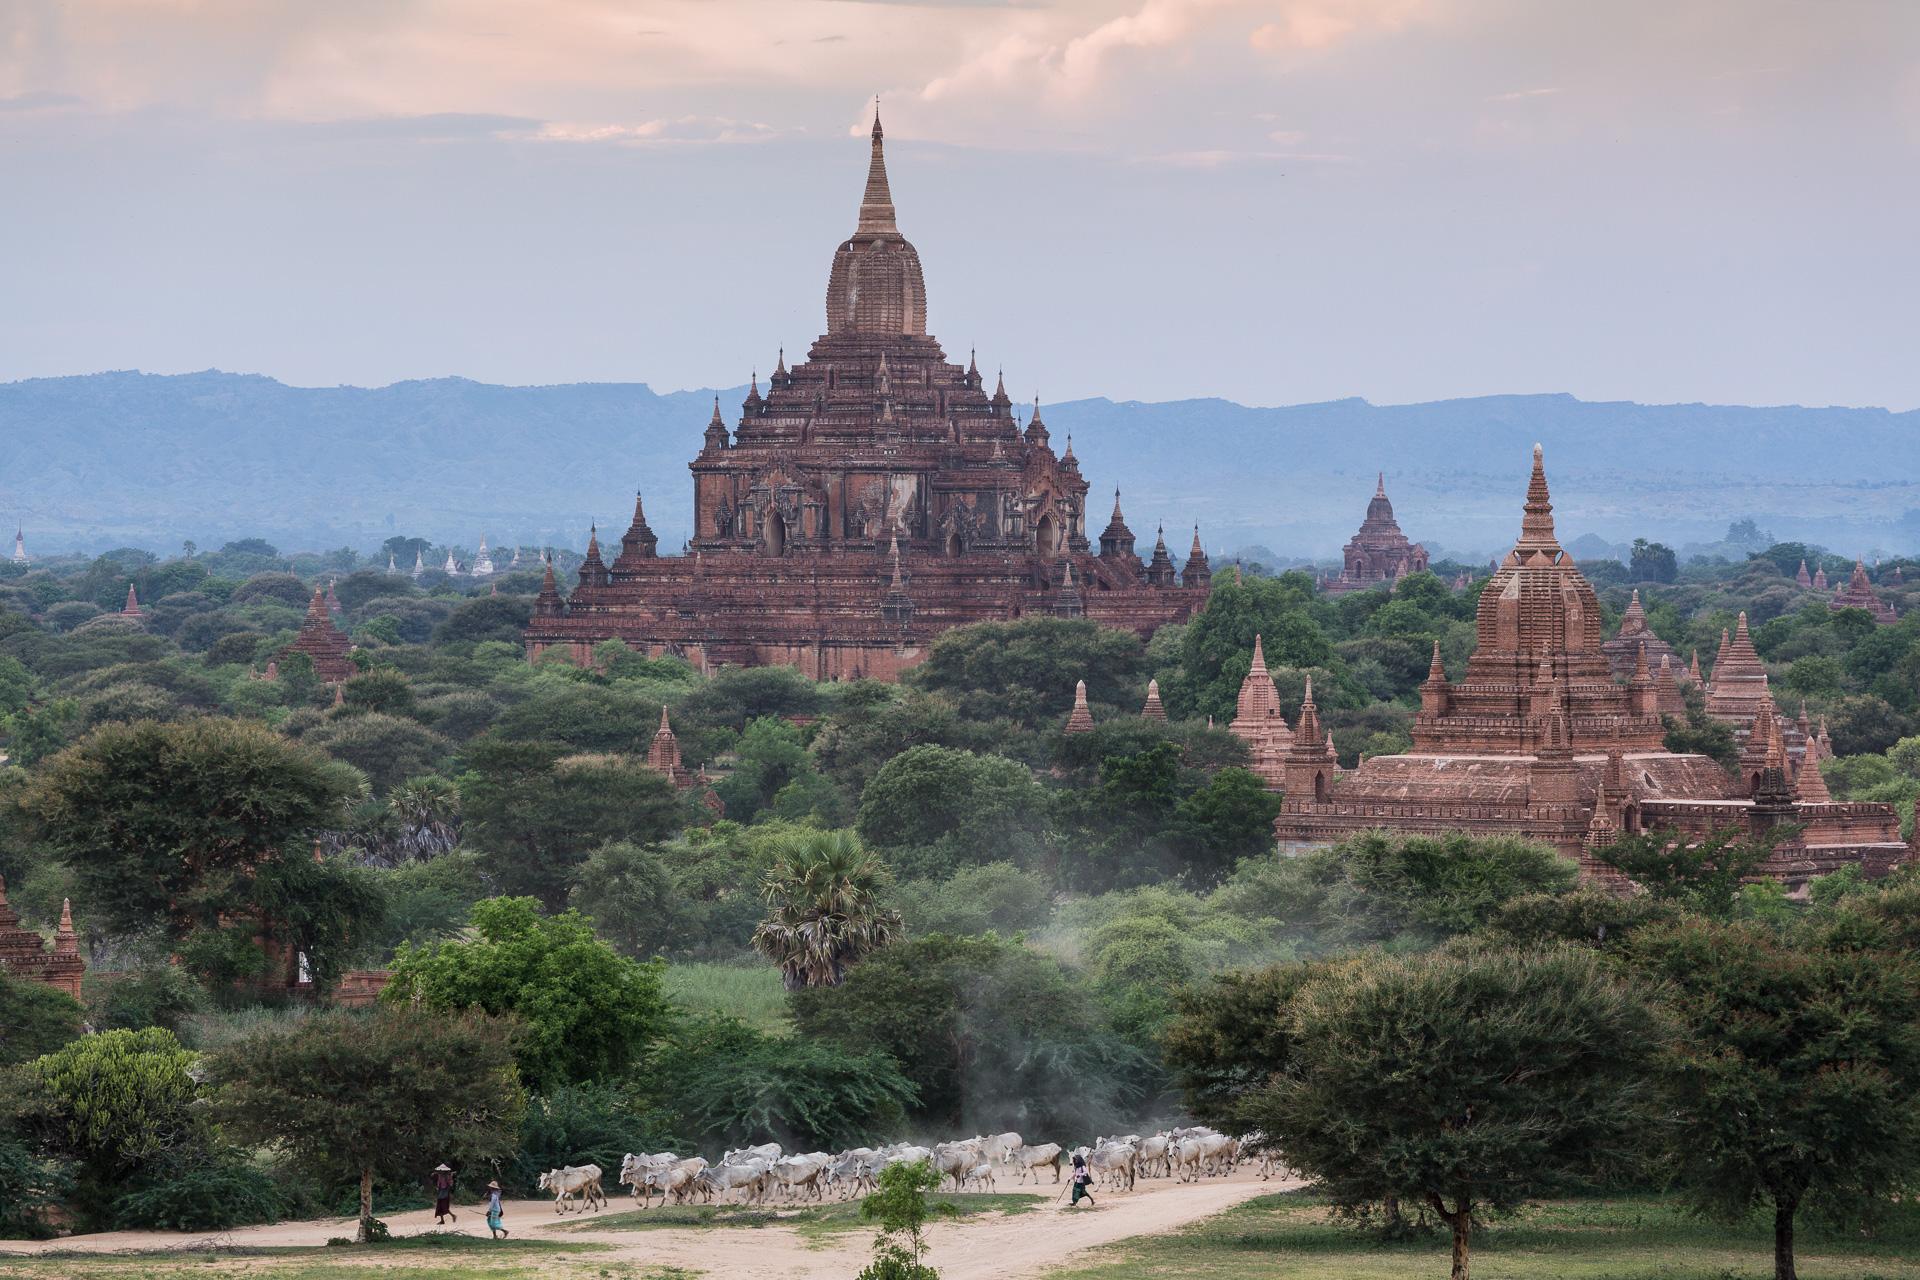 myanmar-reportage-wisckow-045.jpg